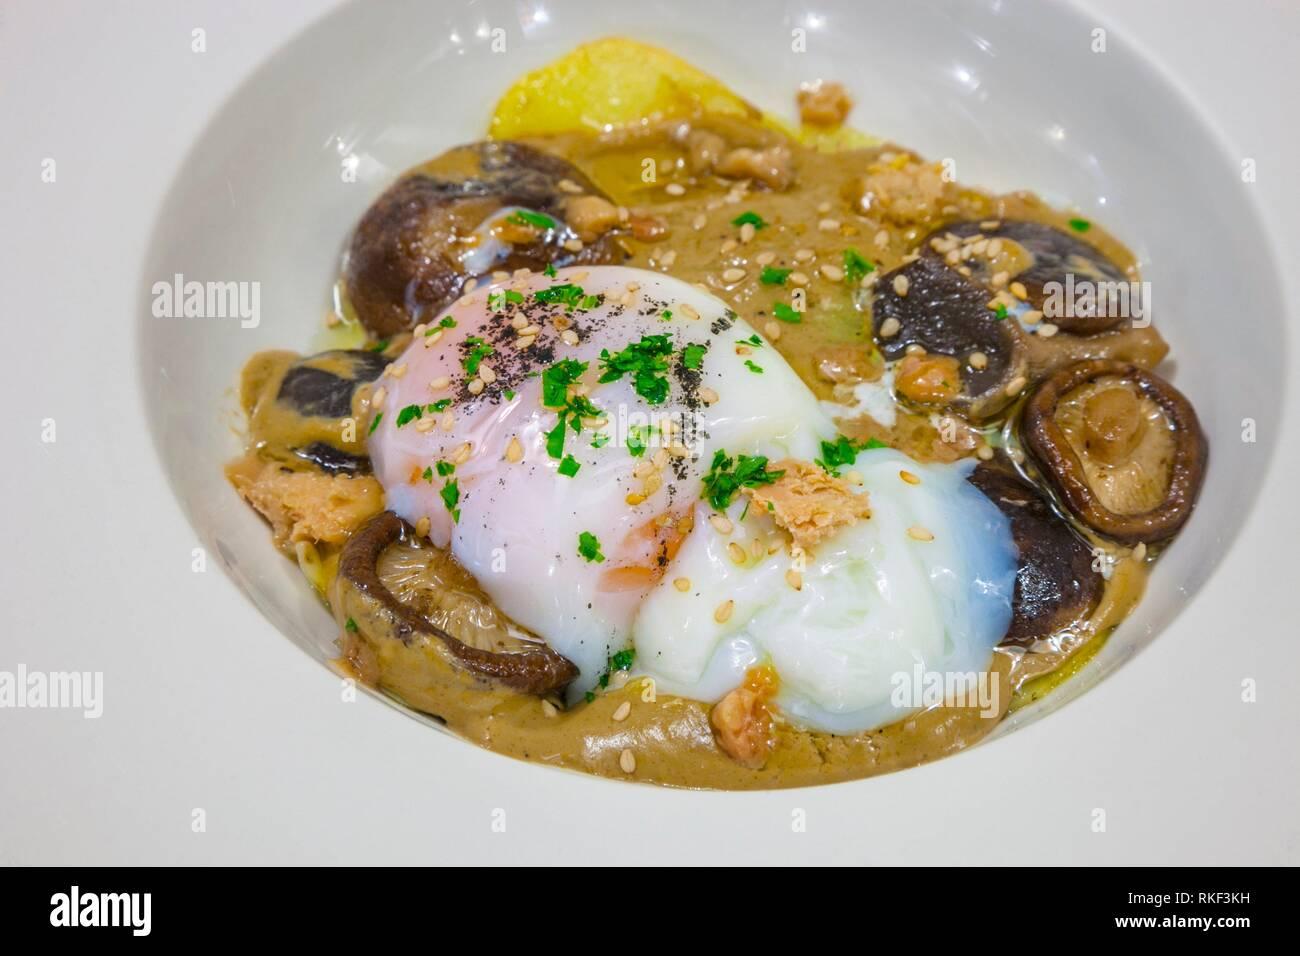 L'œuf, truffé de béchamel champignons et foie grillé. Restaurant La Garrocha, Valladolid, Castille et Leon, Espagne Banque D'Images